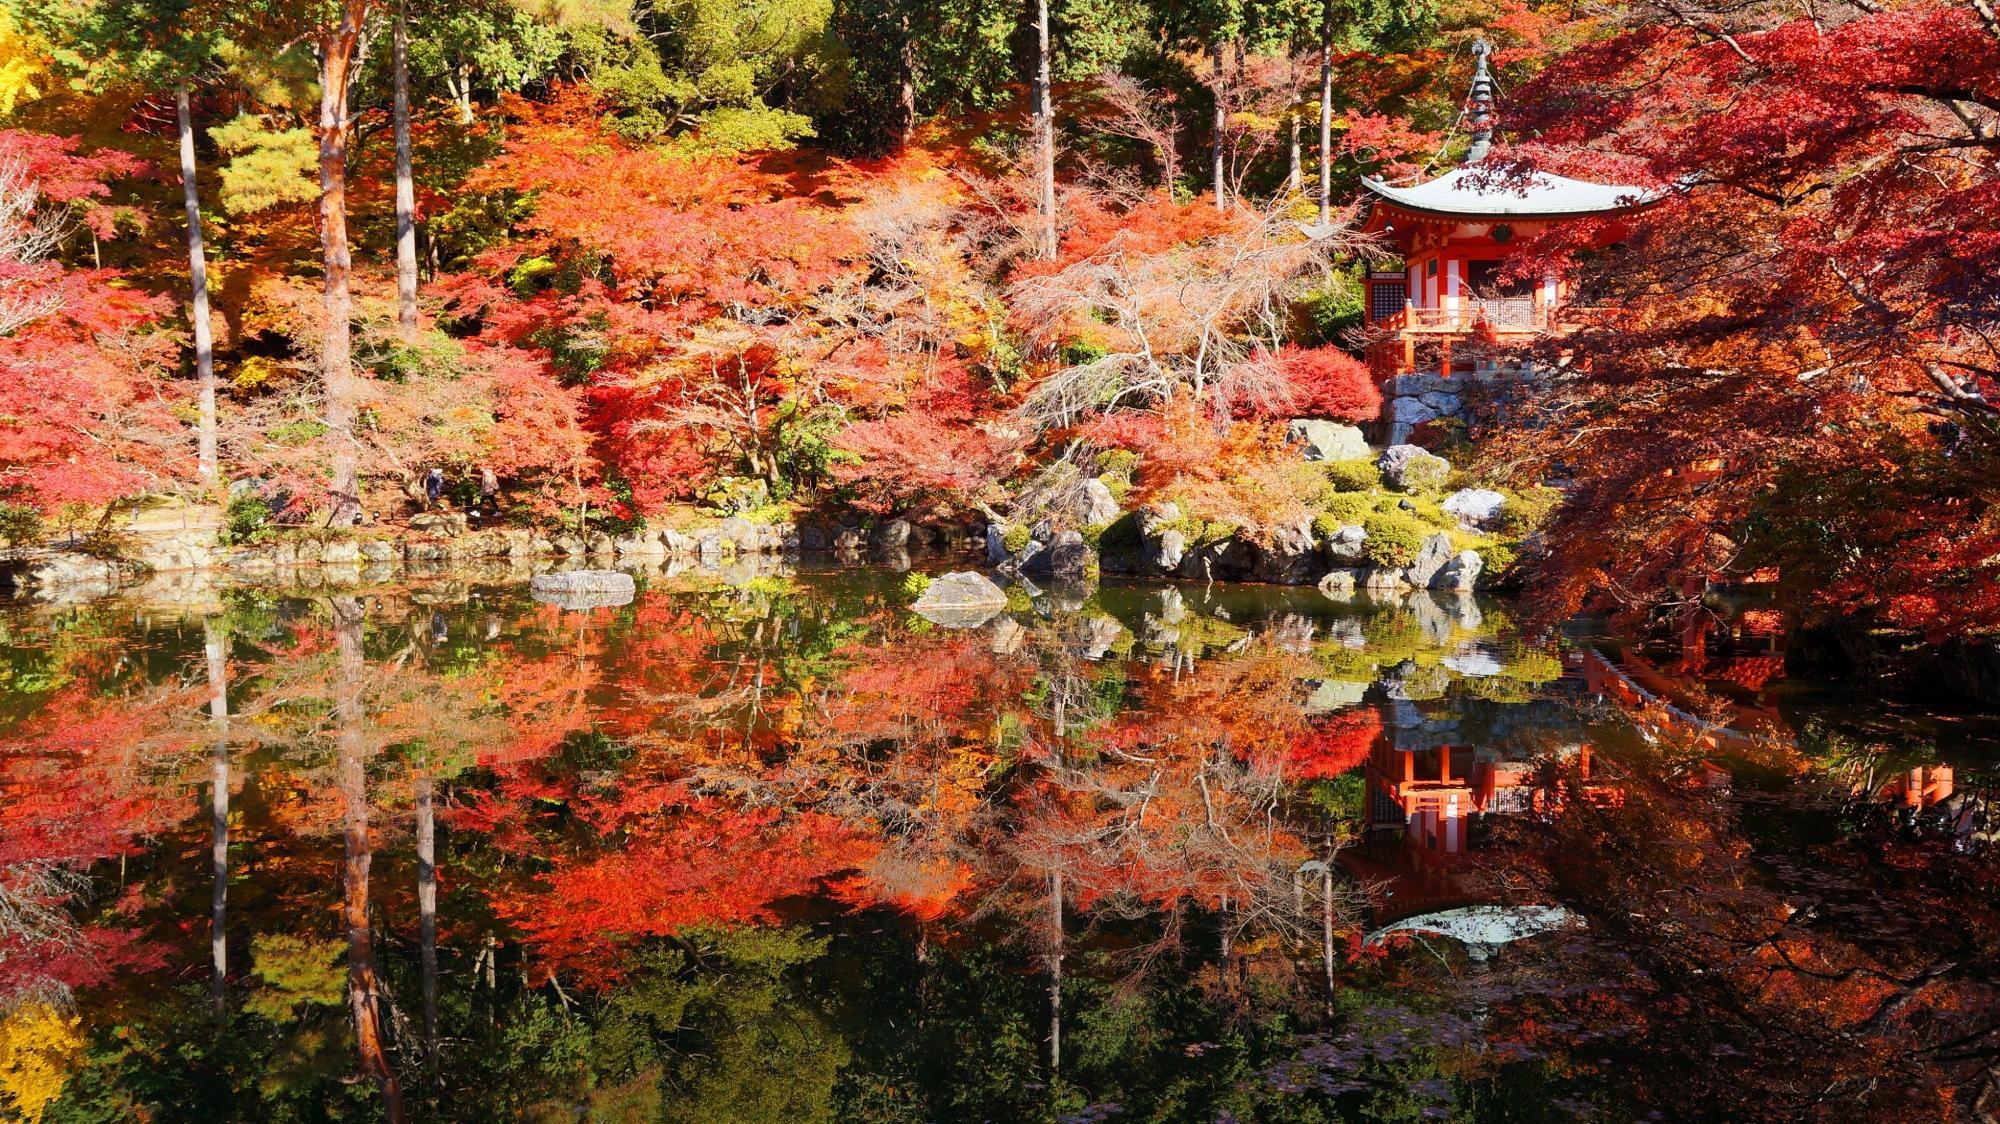 醍醐寺の美しすぎる絶品の紅葉の水鏡